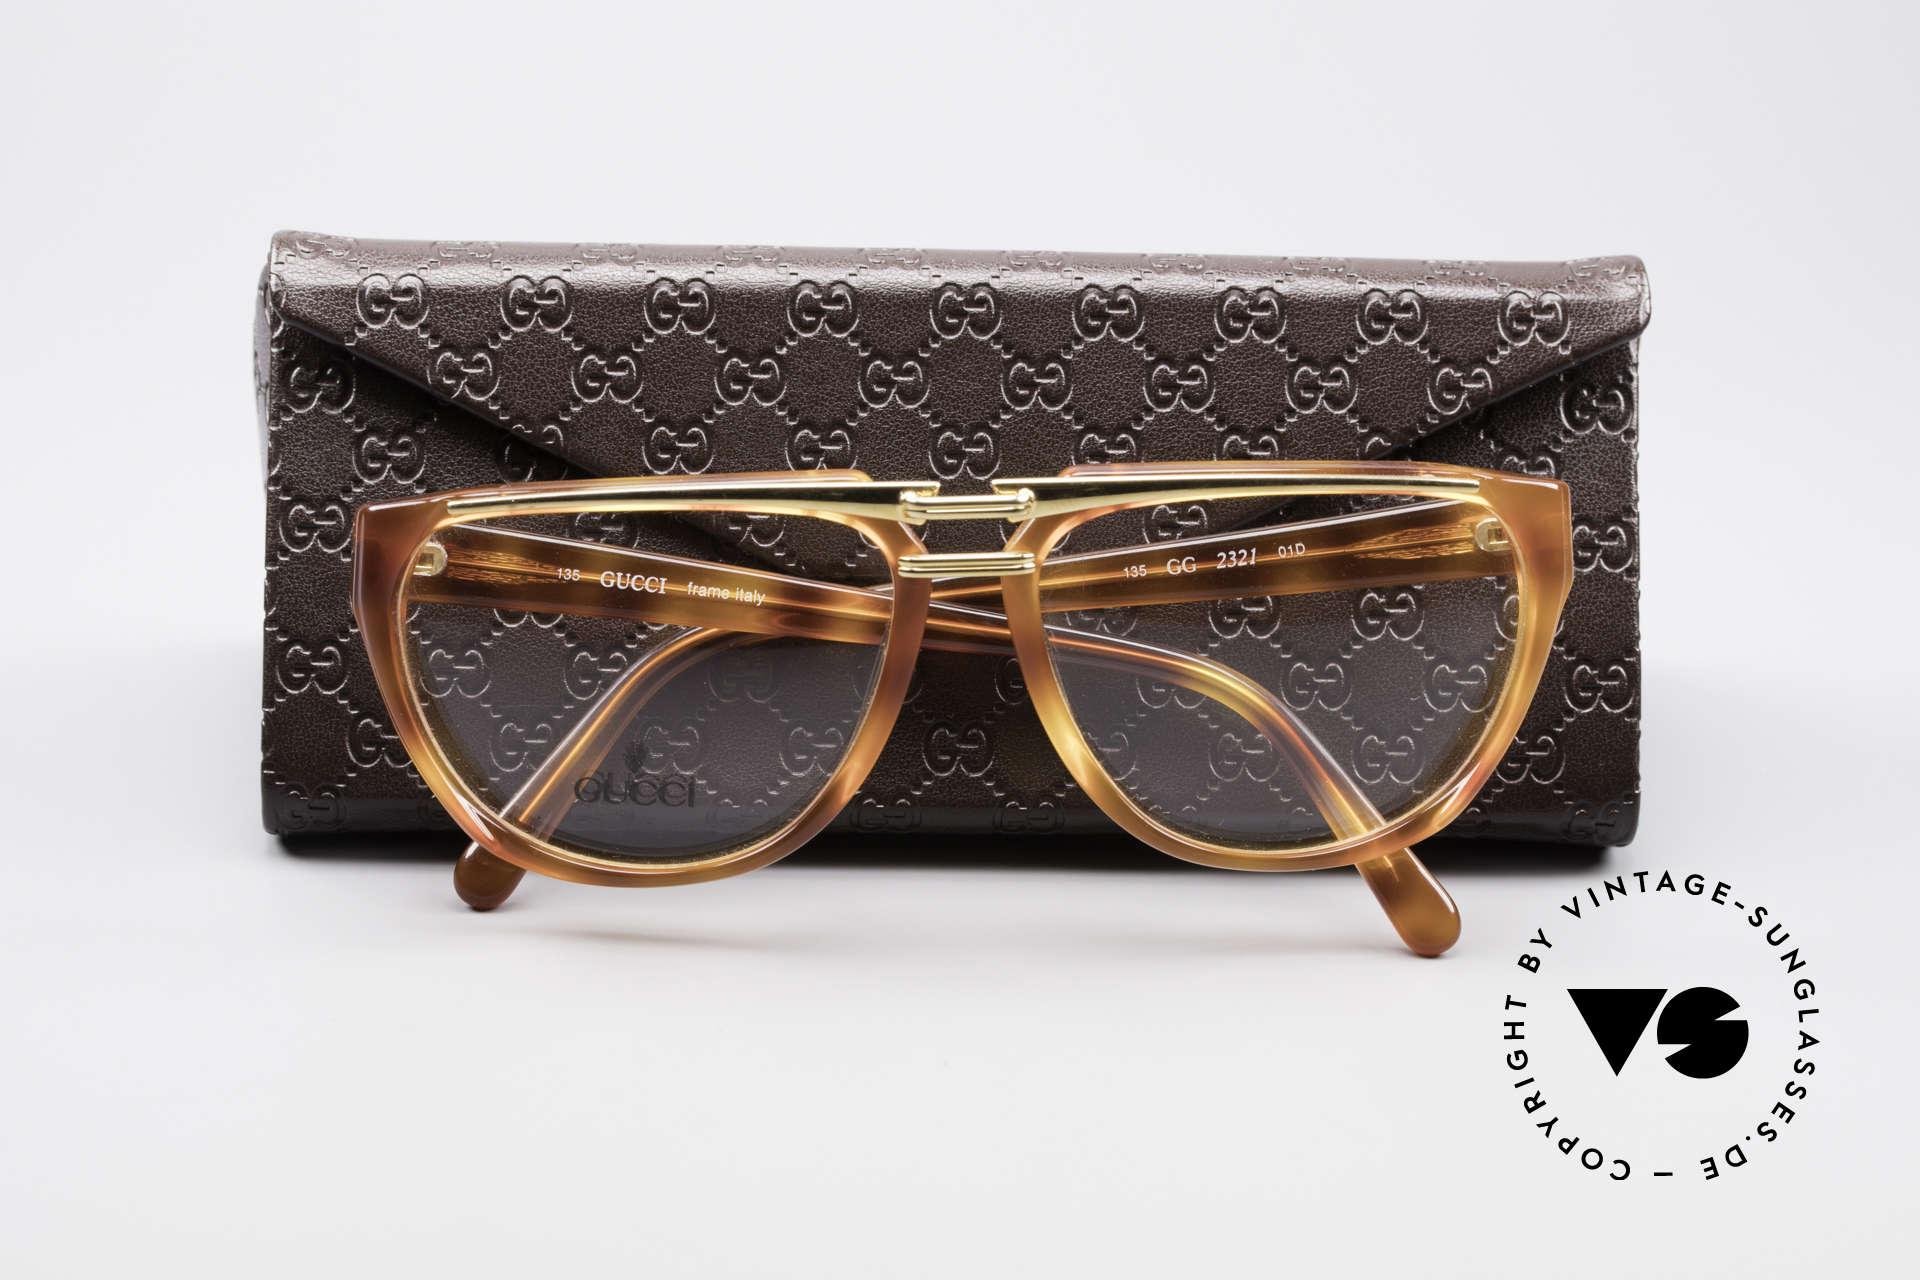 Gucci 2321 Designer Damenbrille 80er, die Fassung ist beliebig verglasbar (optisch / Sonne), Passend für Damen